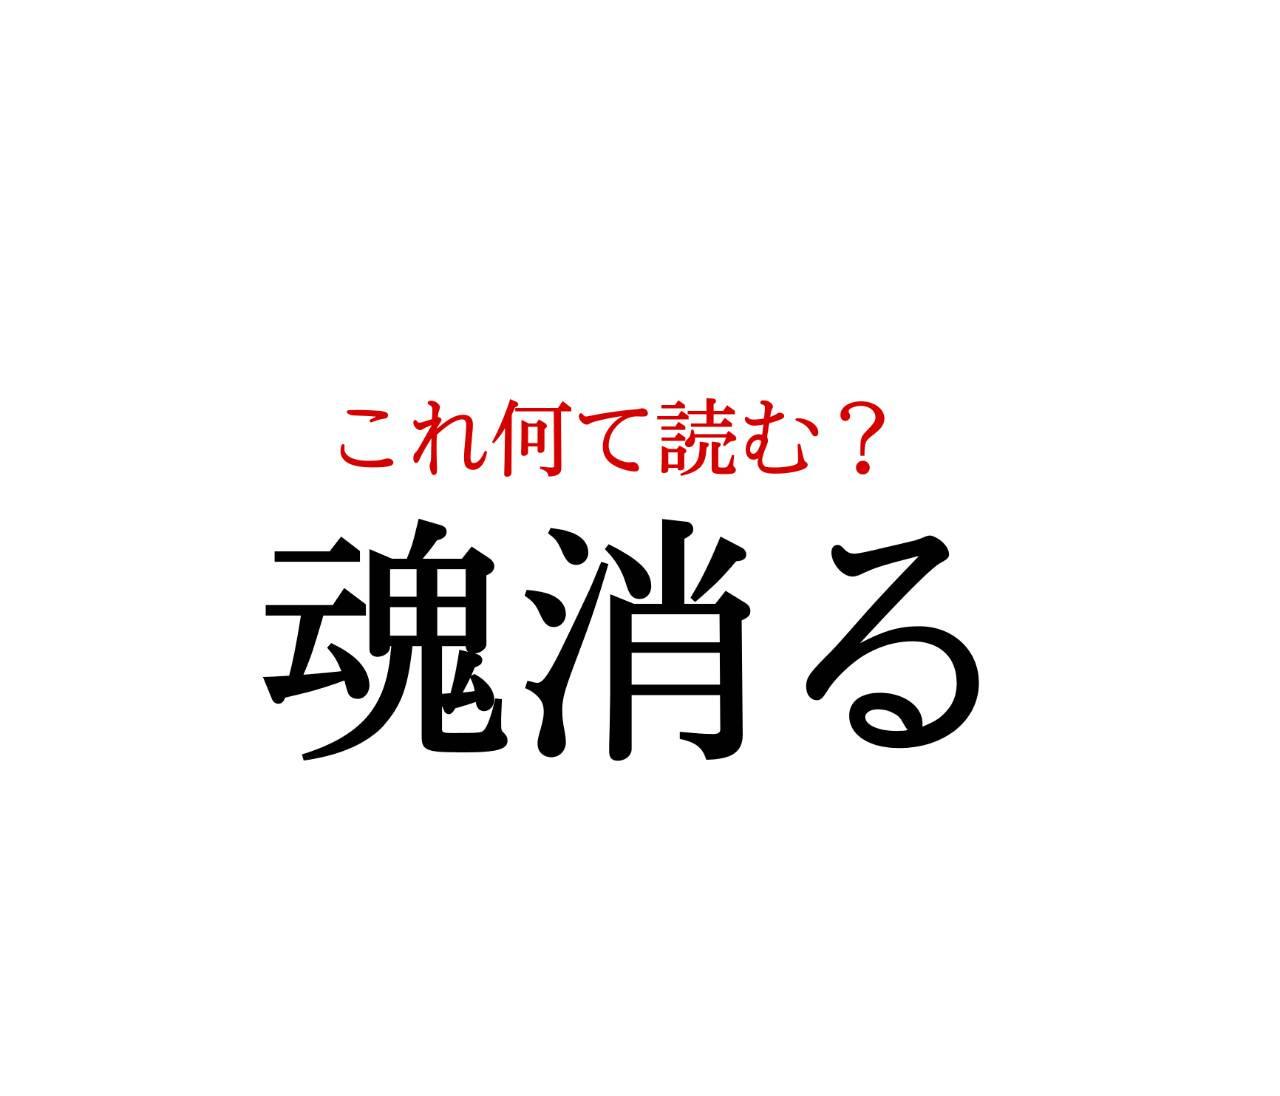 「魂消る」:この漢字、自信を持って読めますか?【働く大人の漢字クイズvol.224】